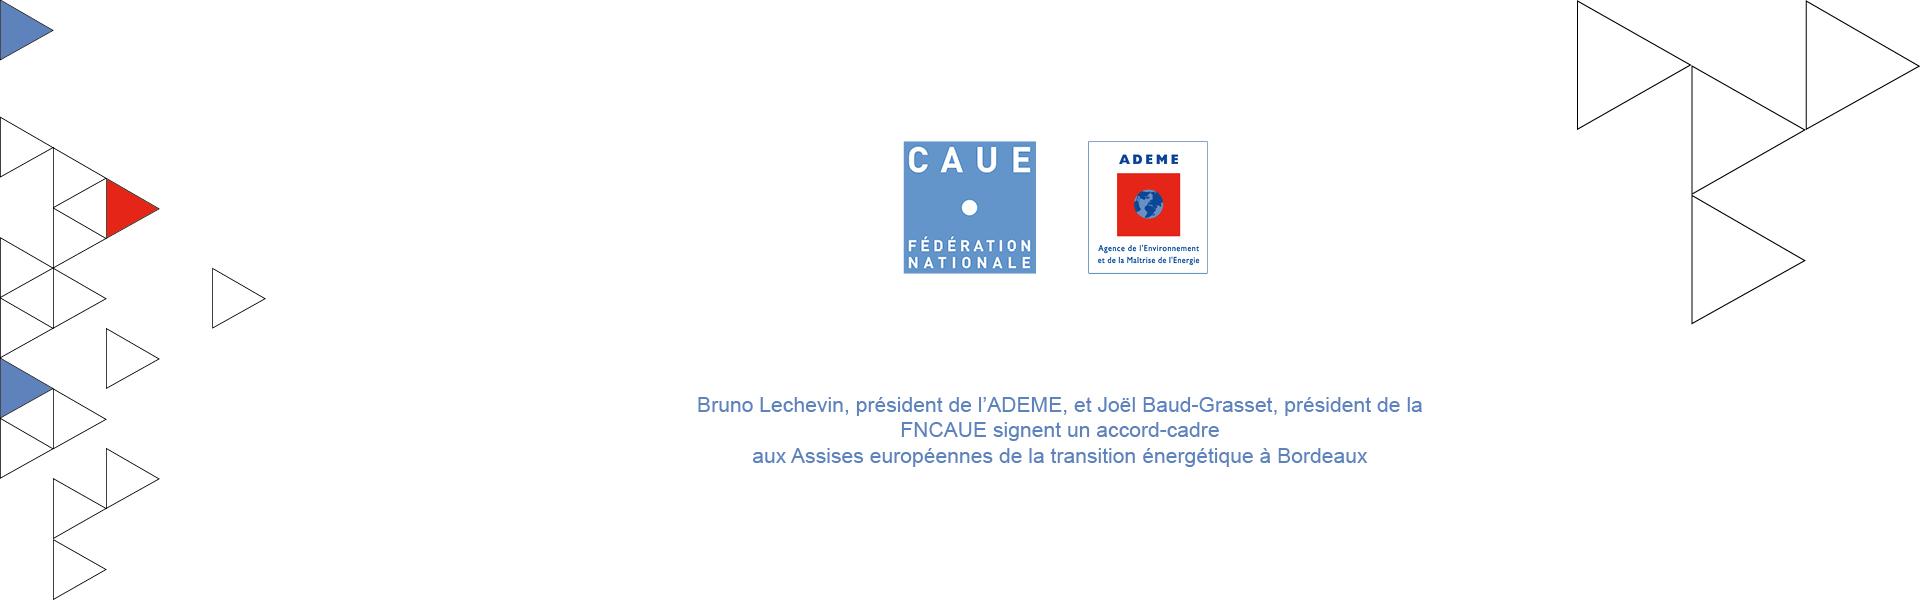 La FNCAUE et l'ADEME signent un accord-cadre aux Assises européennes de la transition énergétique